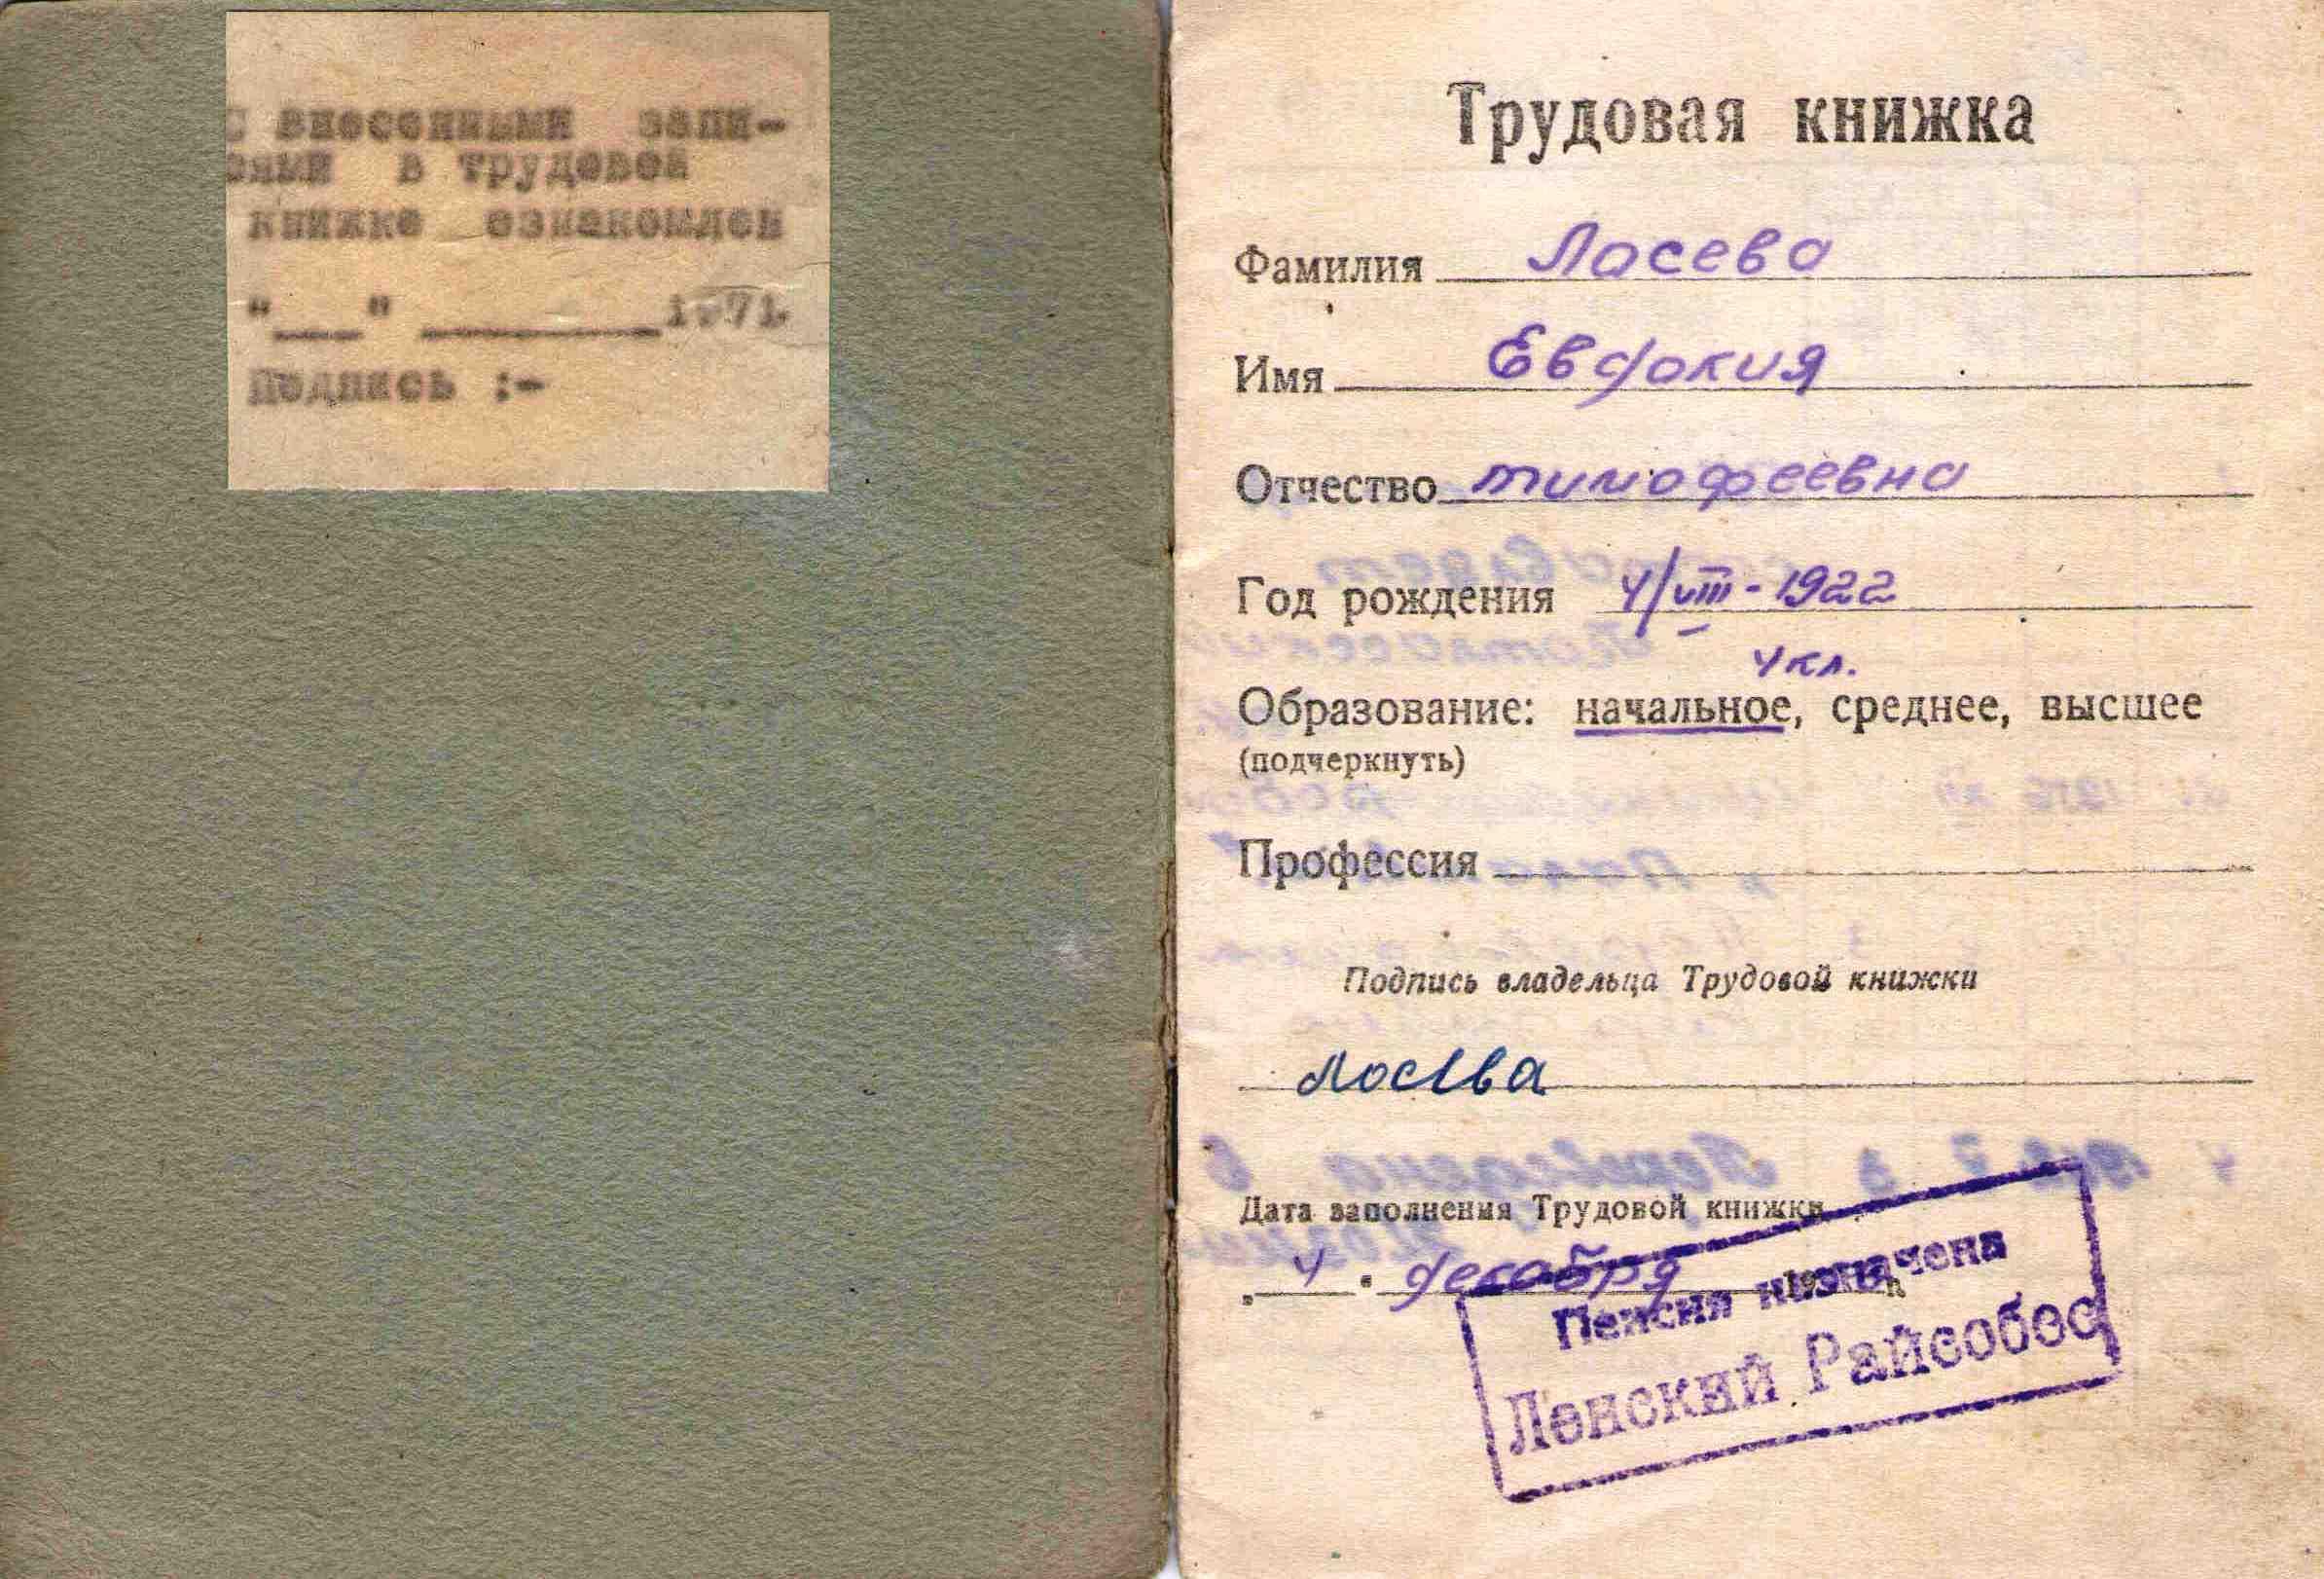 11. Трудовая книжка, 1956